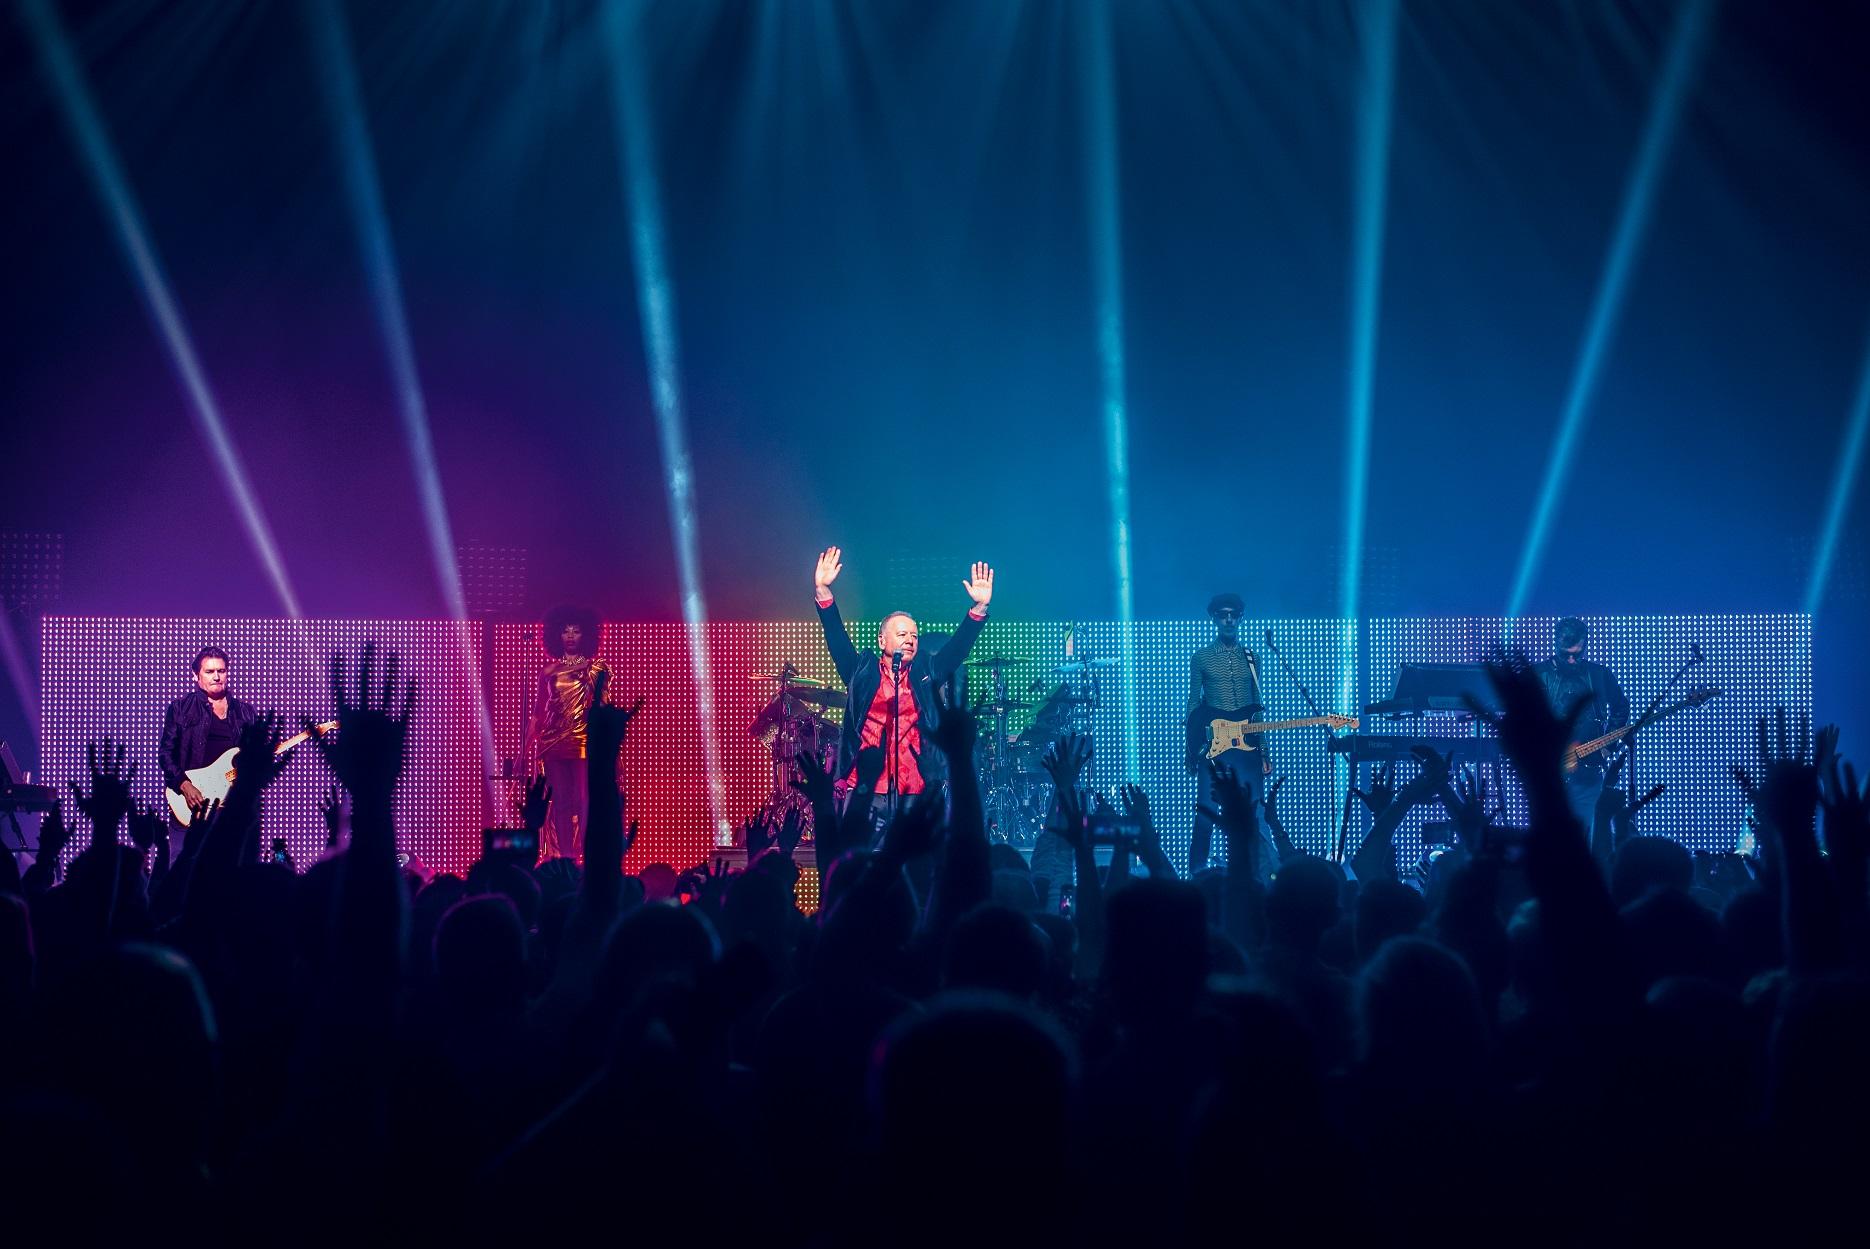 Musica Internazionale, Concerti. Simple Minds: la band farà tappa anche in Italia per i 40 anni di carriera